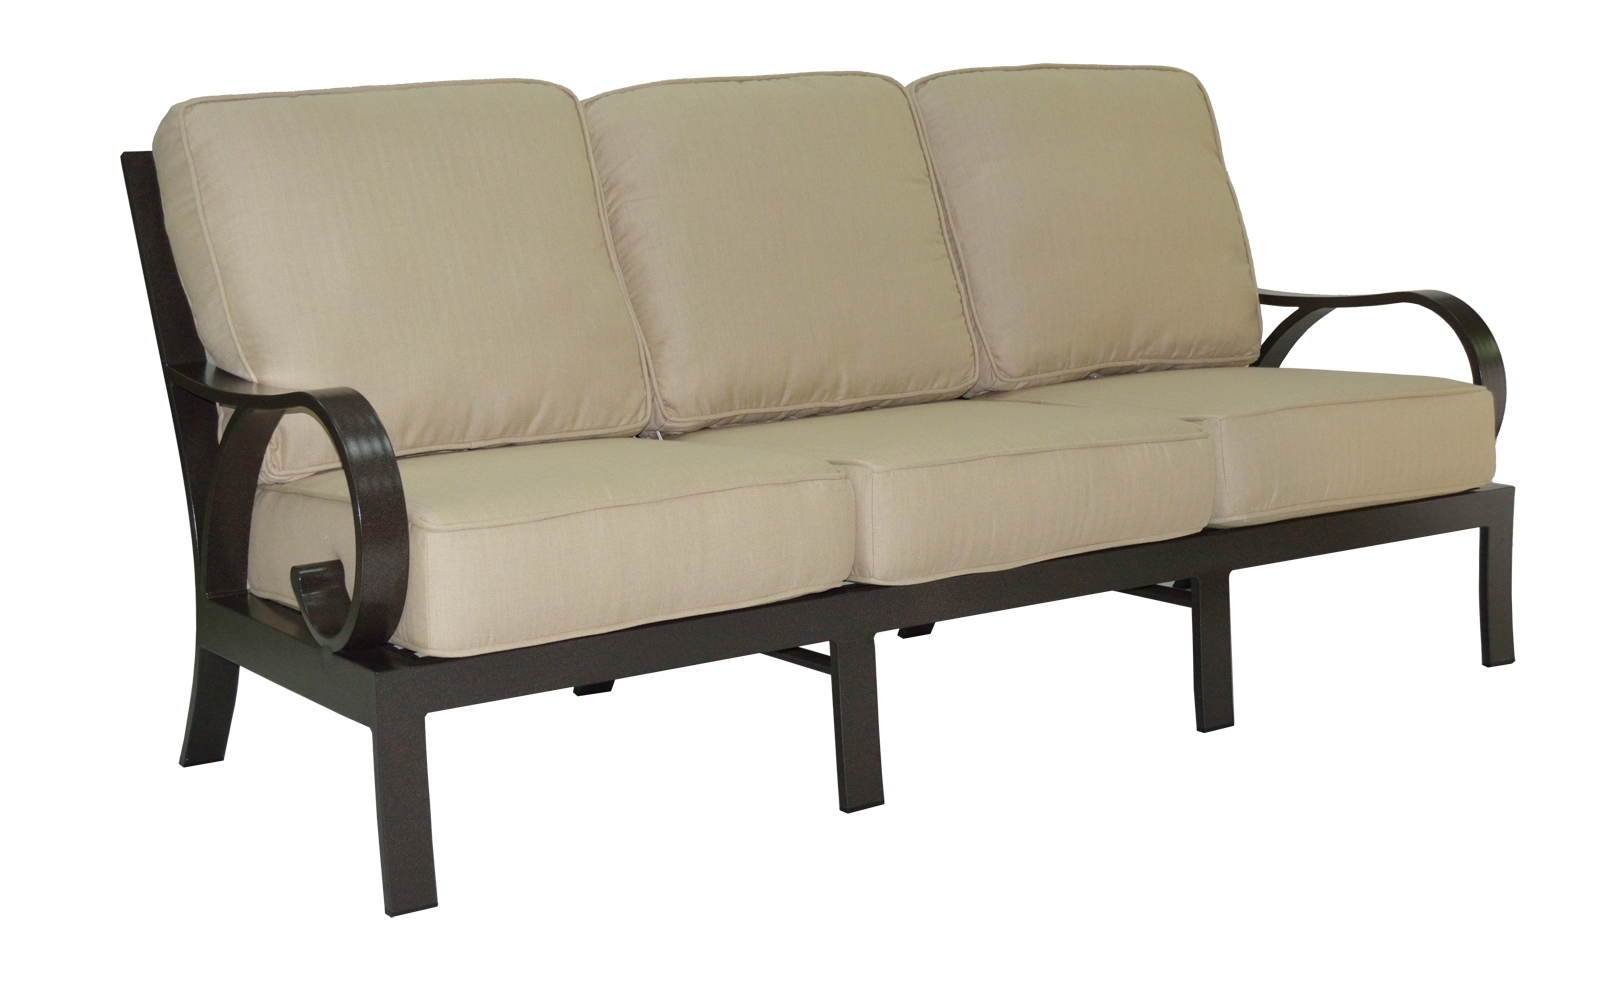 601571 Key Largo Sofa   80 x 34 x 35